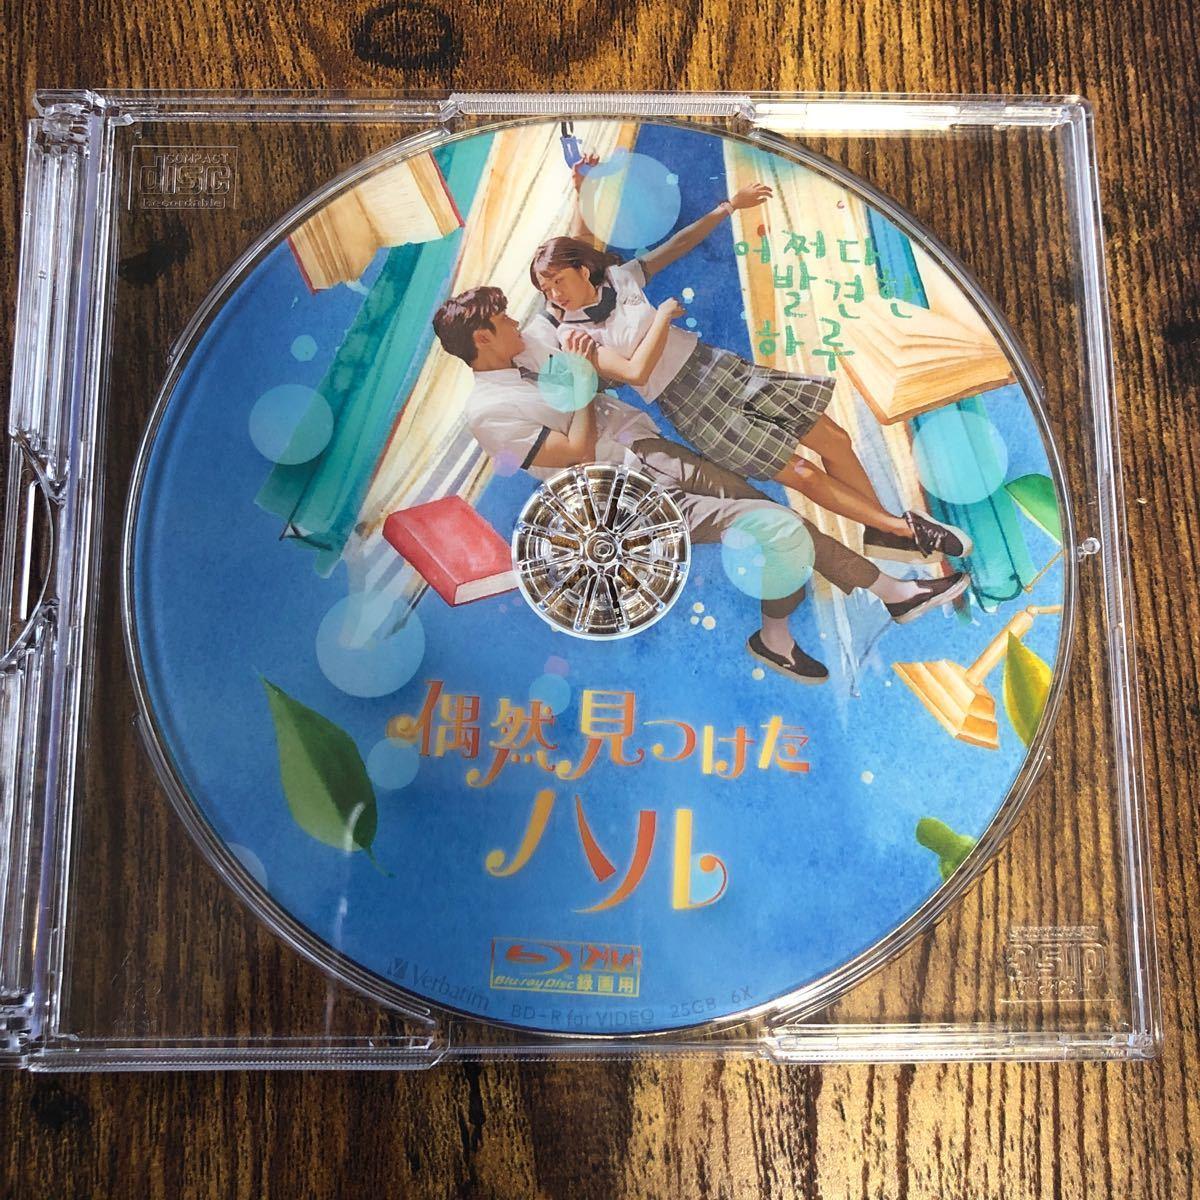 韓国ドラマ 偶然見つけたハル 全話 Blu-ray